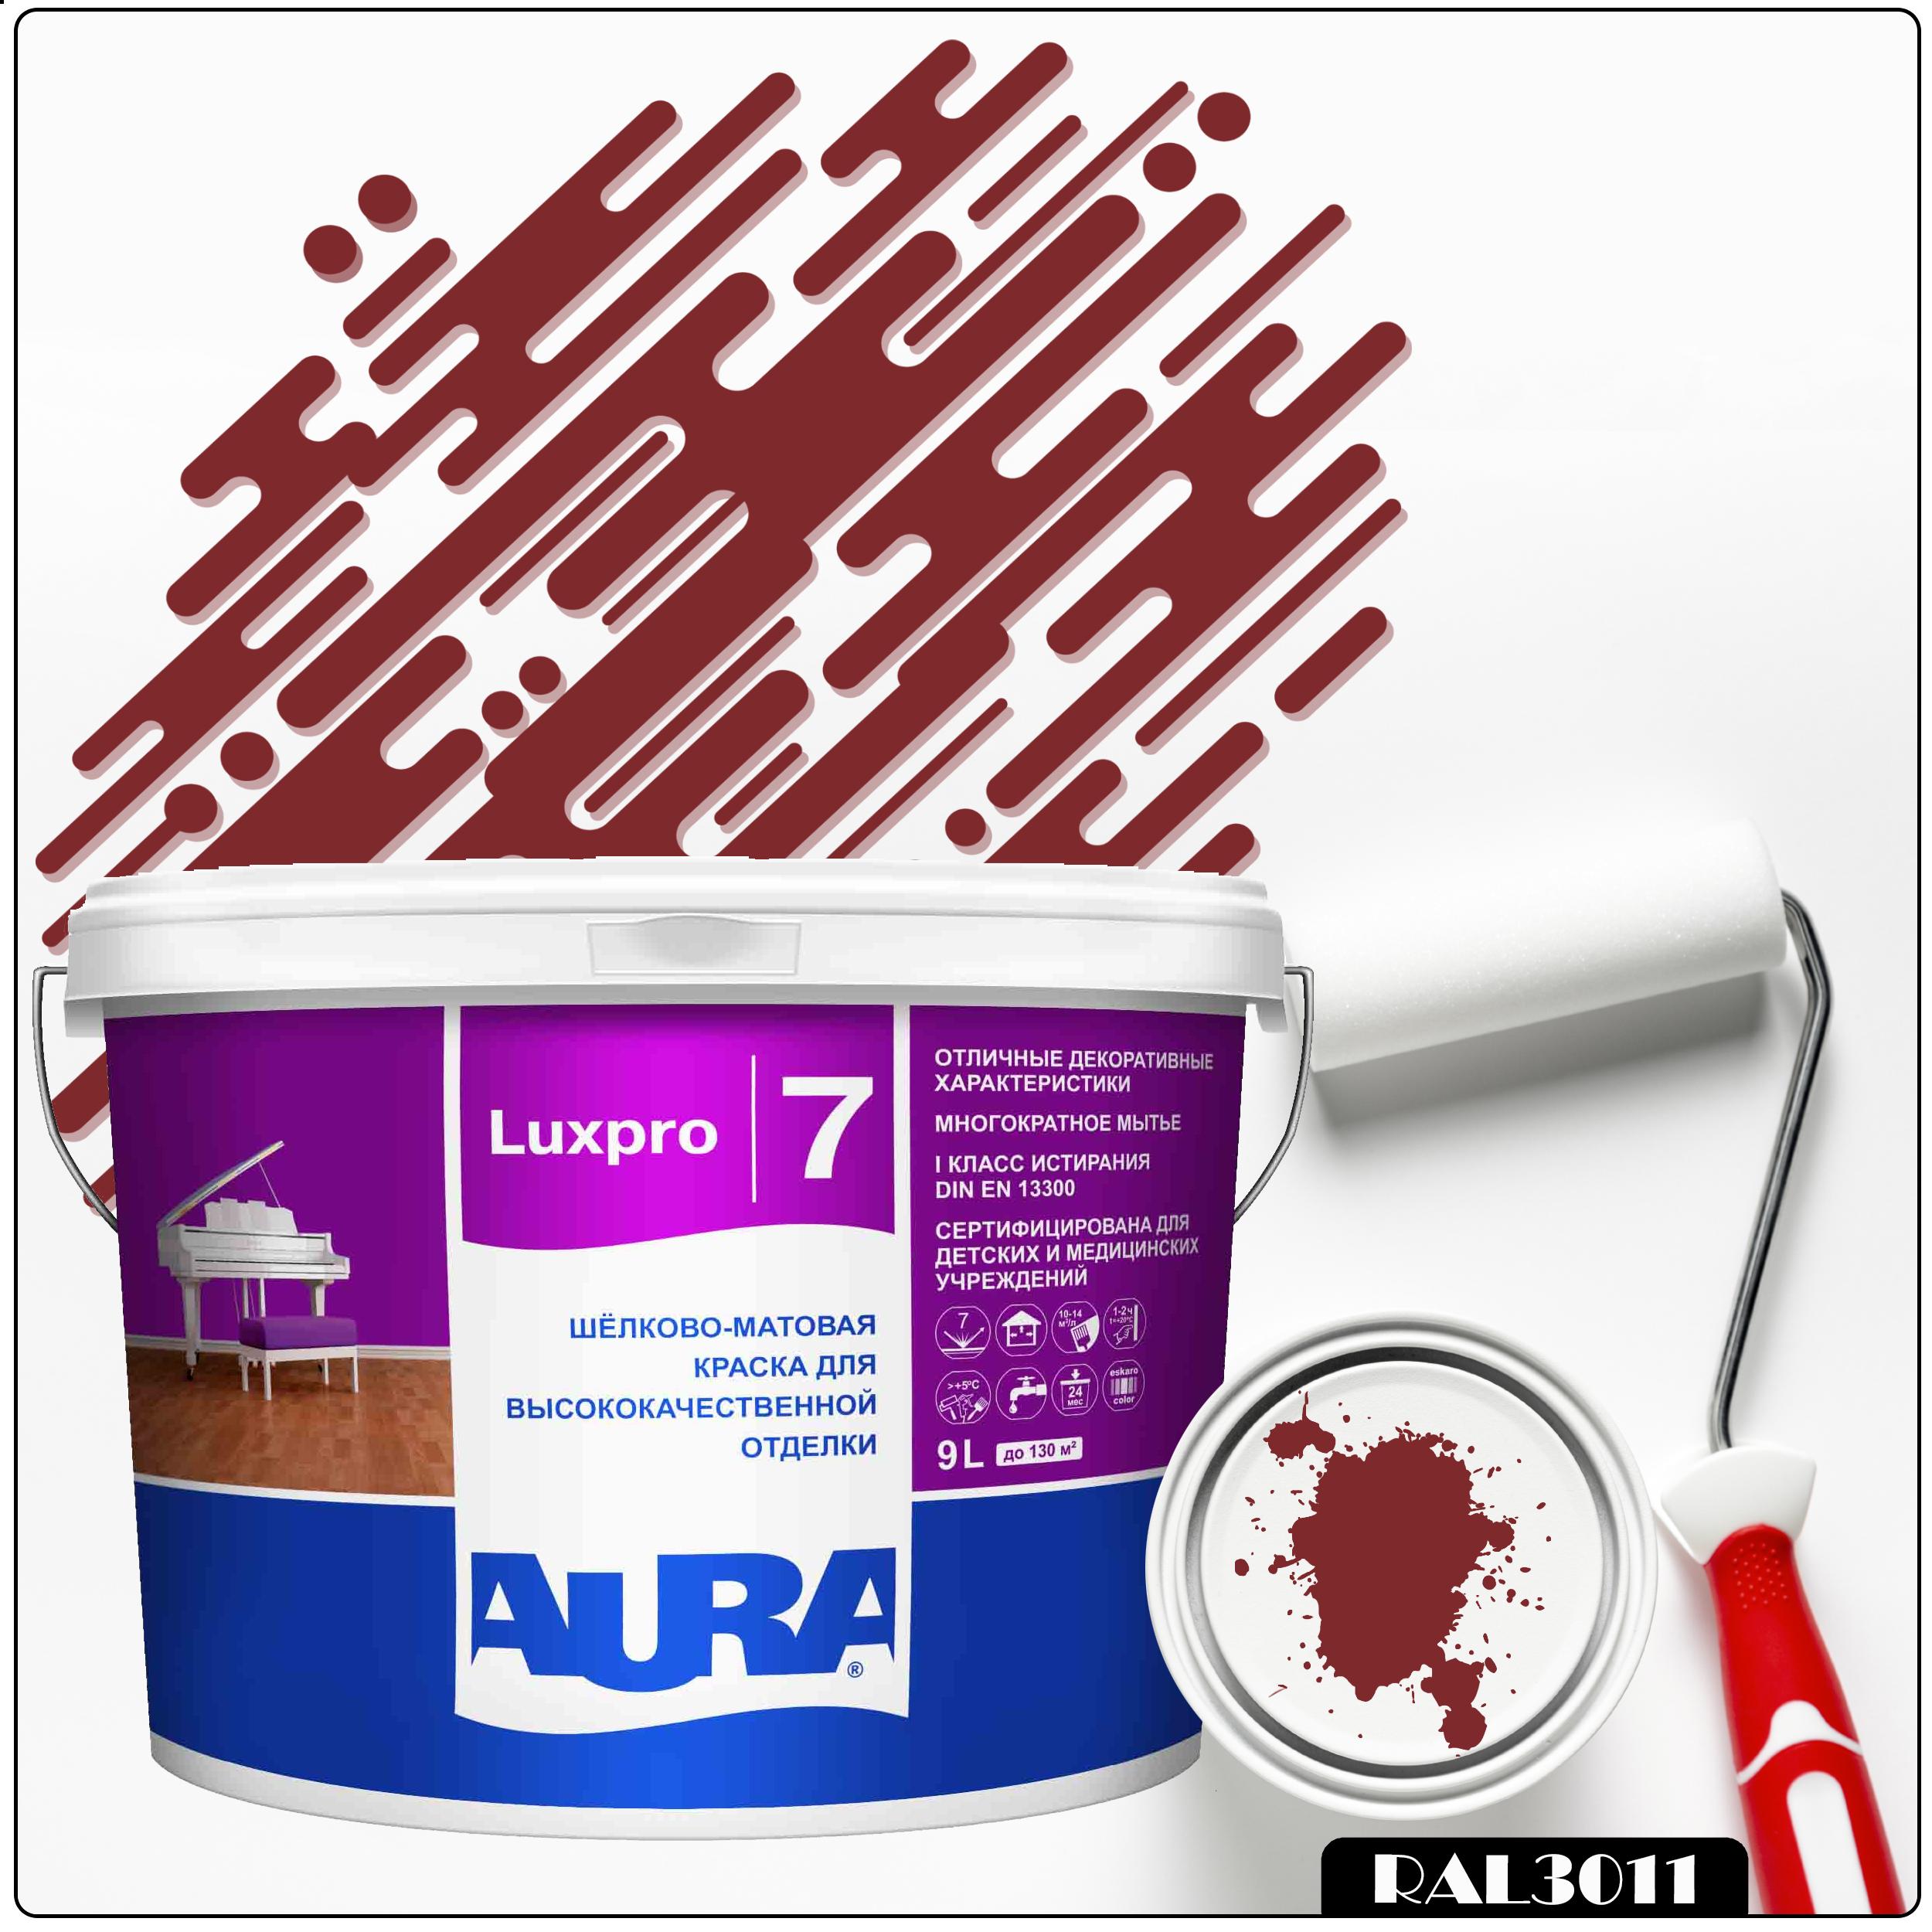 Фото 9 - Краска Aura LuxPRO 7, RAL 3011 Коричнево-красный, латексная, шелково-матовая, интерьерная, 9л, Аура.